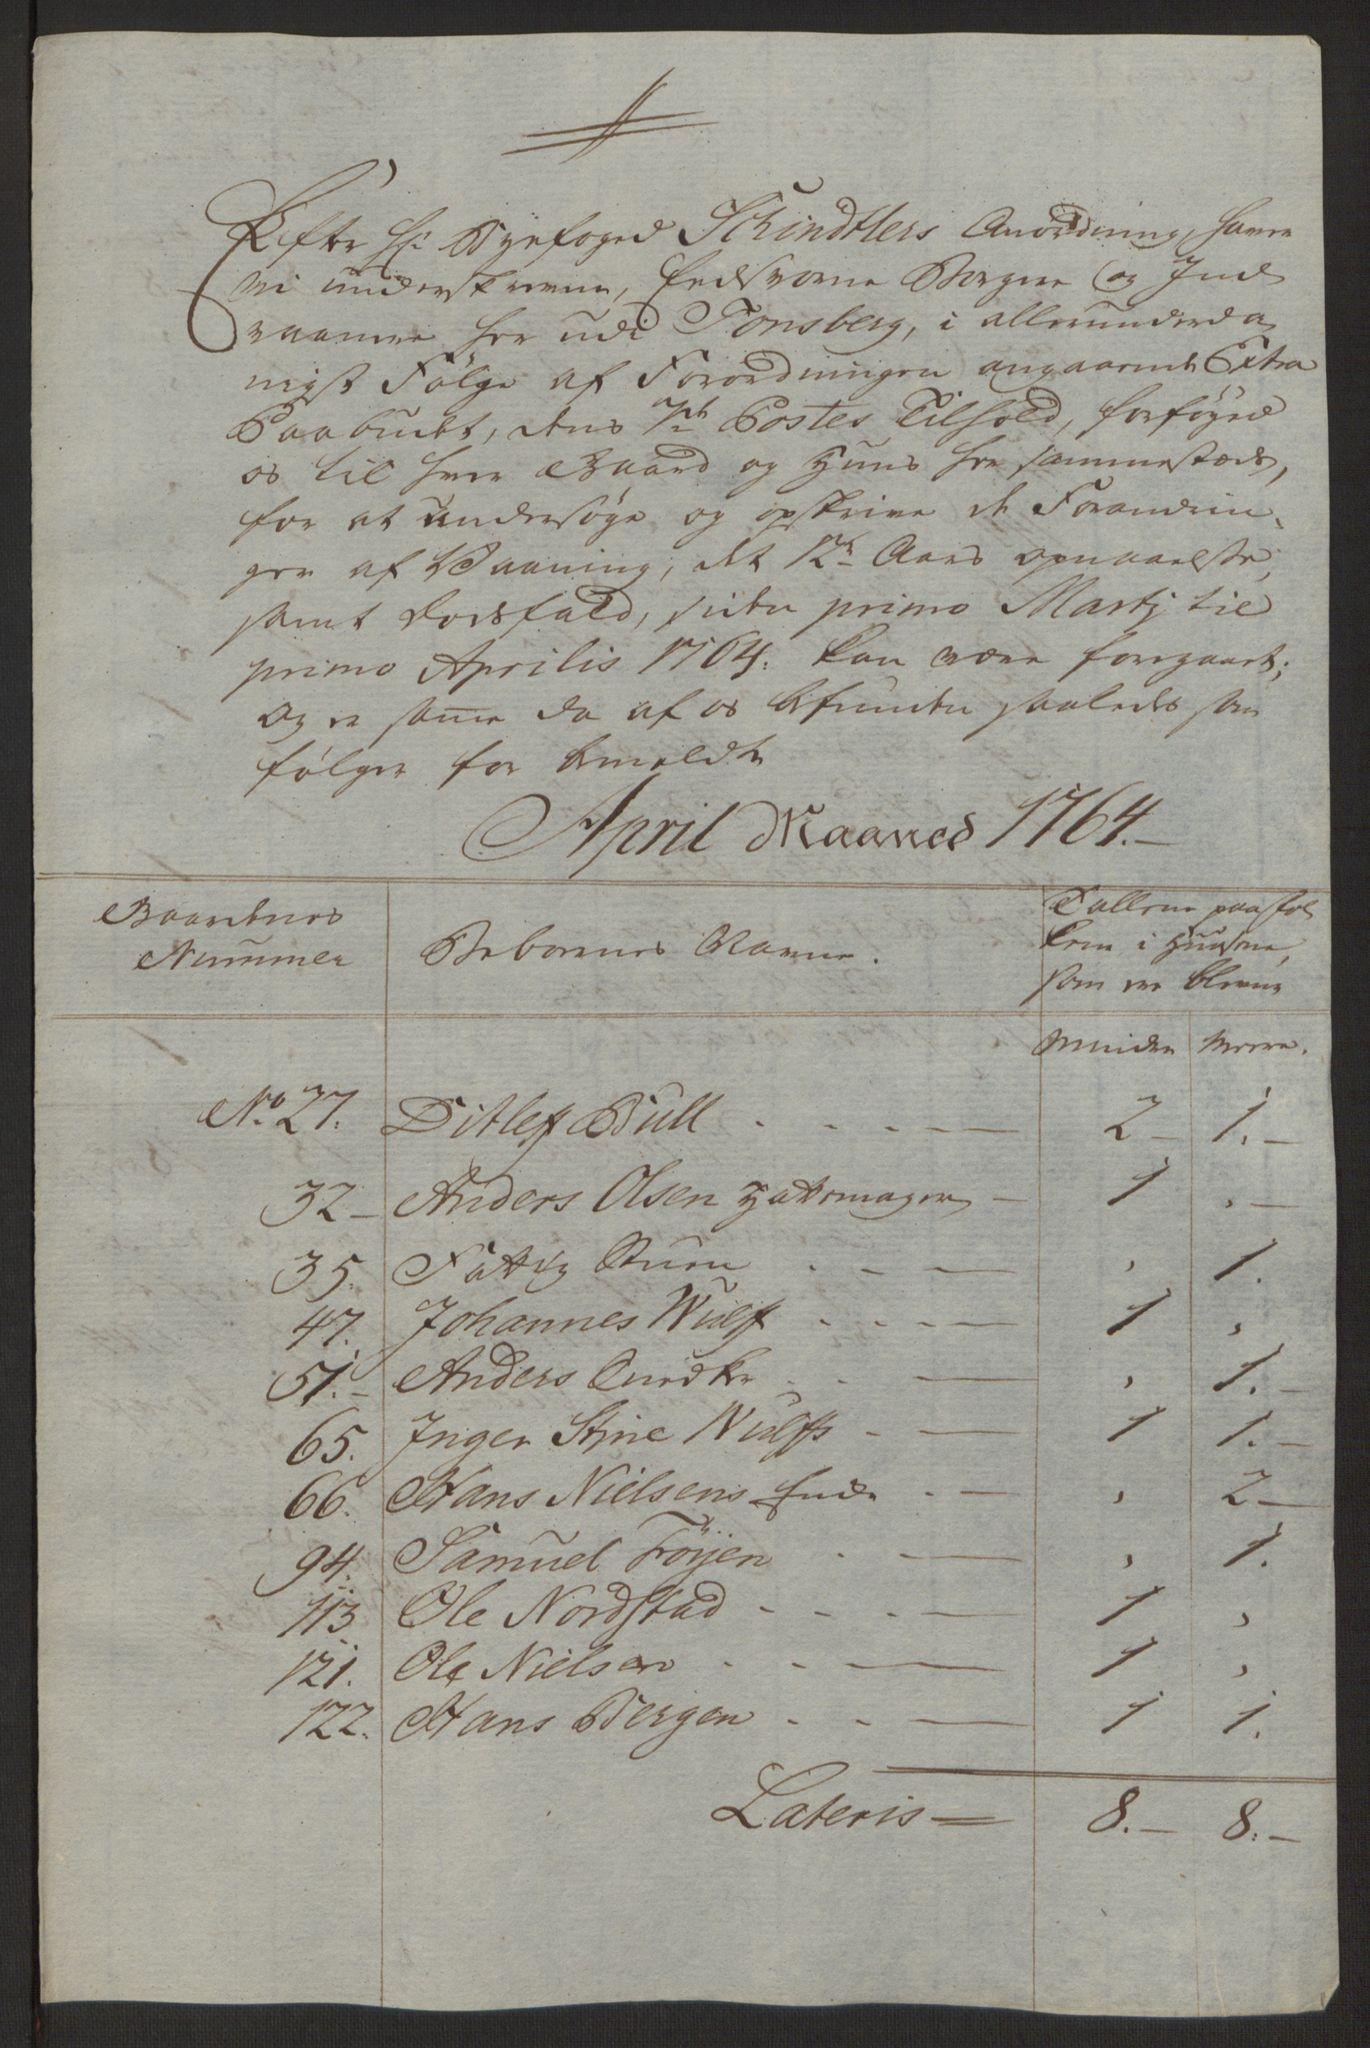 RA, Rentekammeret inntil 1814, Reviderte regnskaper, Byregnskaper, R/Rh/L0162: [H4] Kontribusjonsregnskap, 1762-1772, s. 159